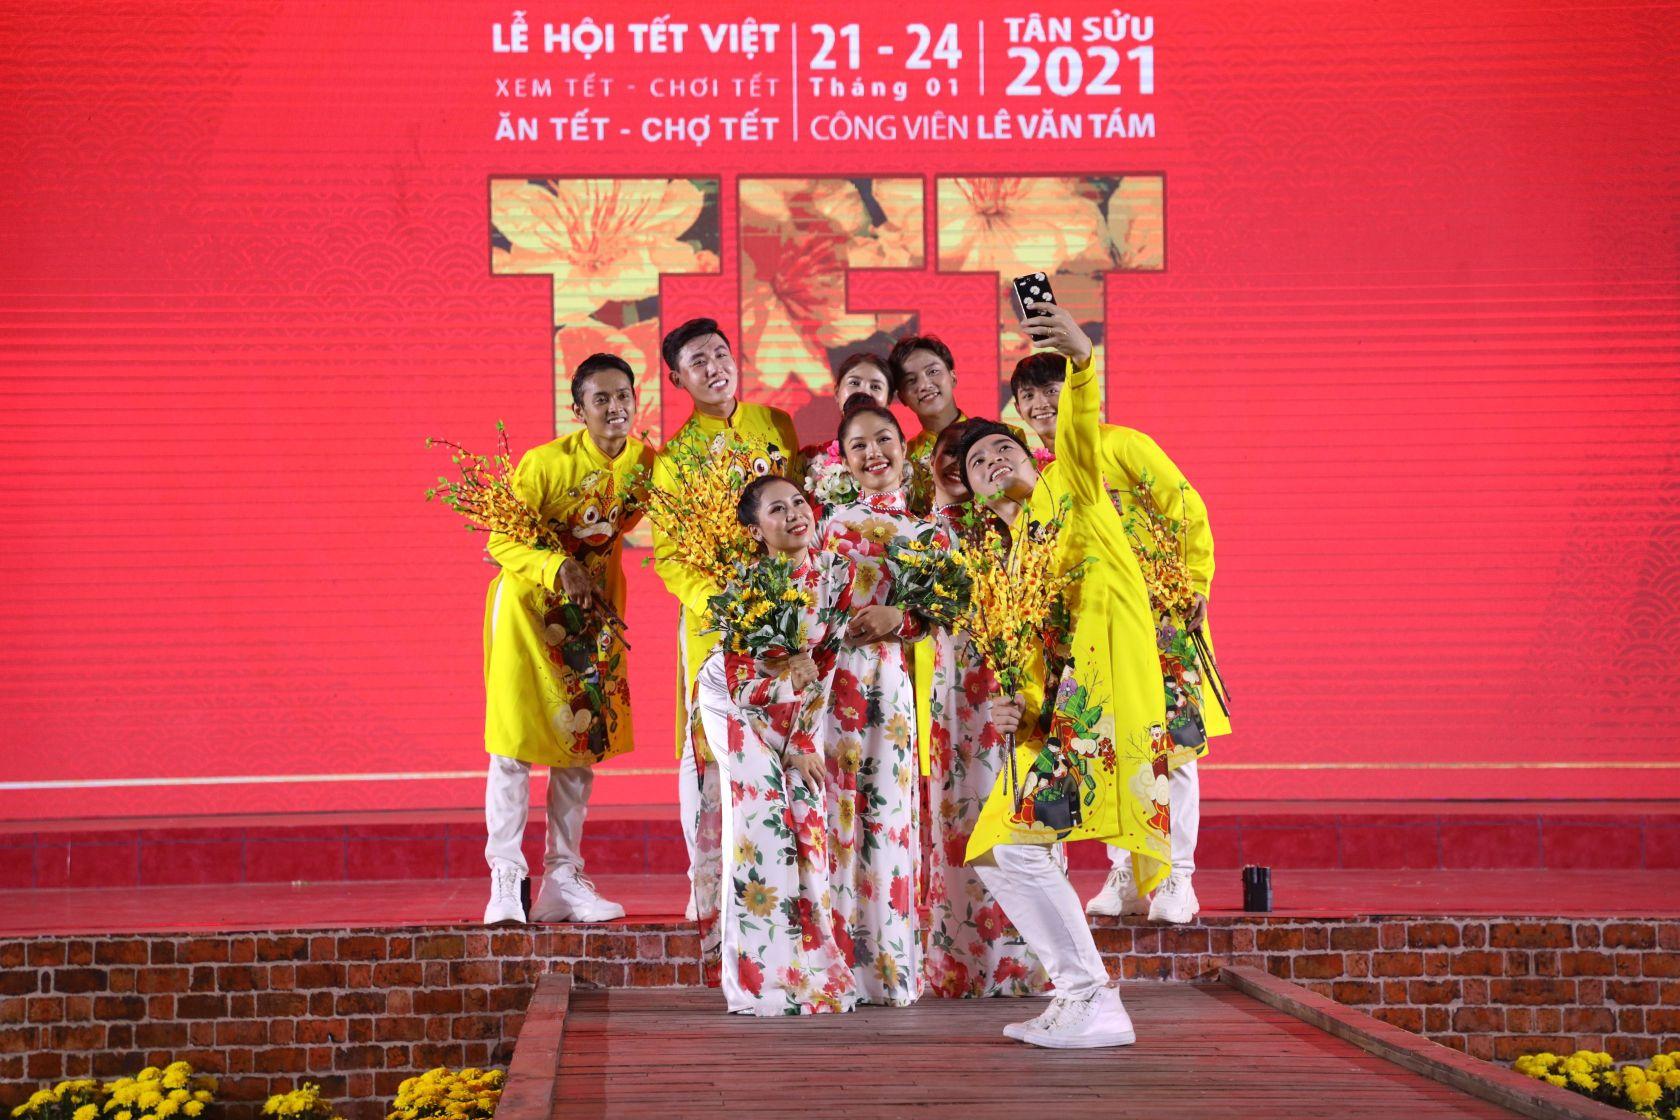 le hoi tet viet 1 Lễ hội Tết Việt 2021 chính thức khai mạc với nhiều hoạt động thú vị